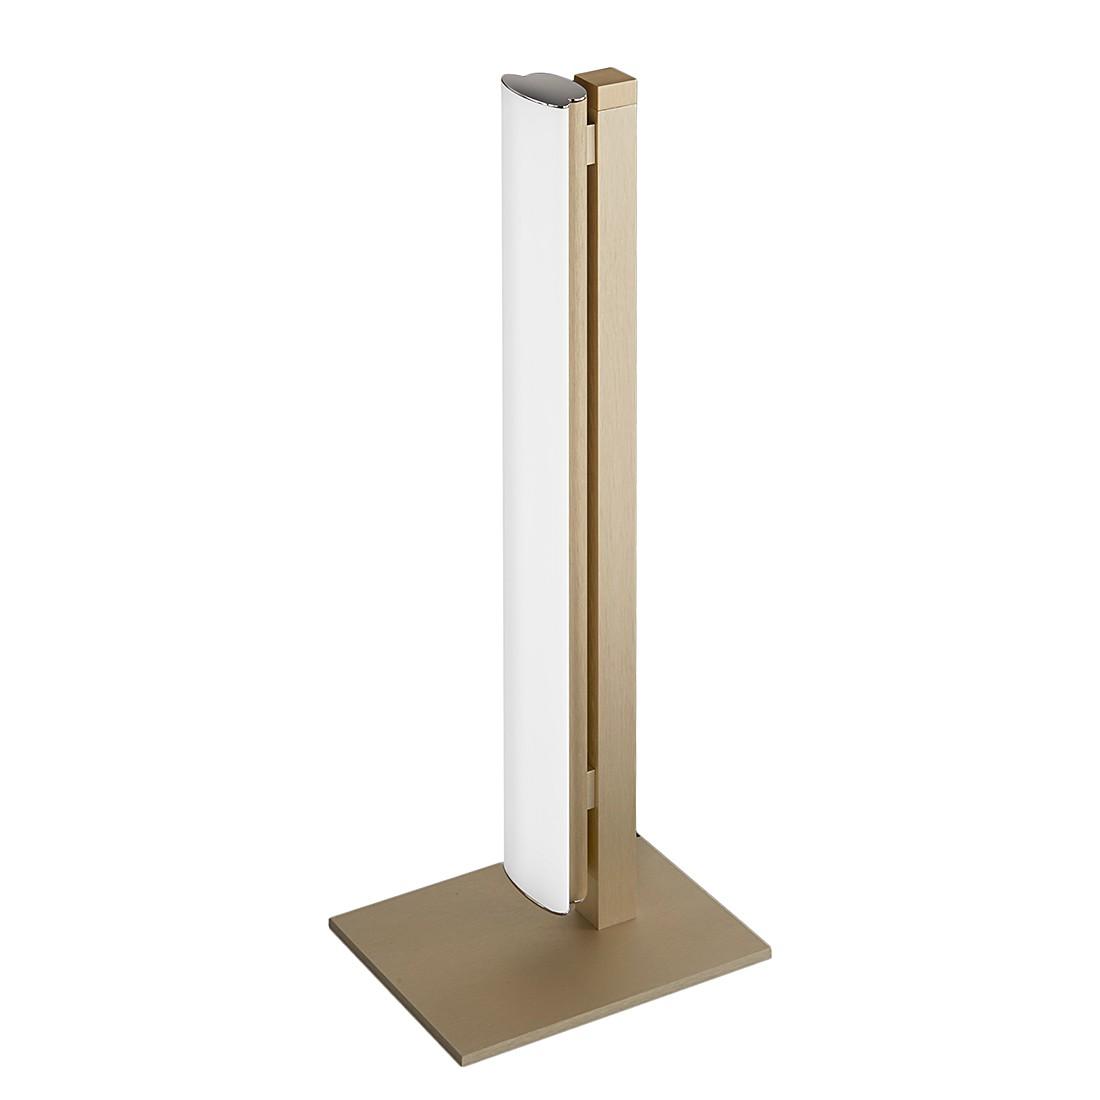 EEK A+, Tischleuchte VENTA – Metall/Kunststoff – Gold, Helestra jetzt kaufen